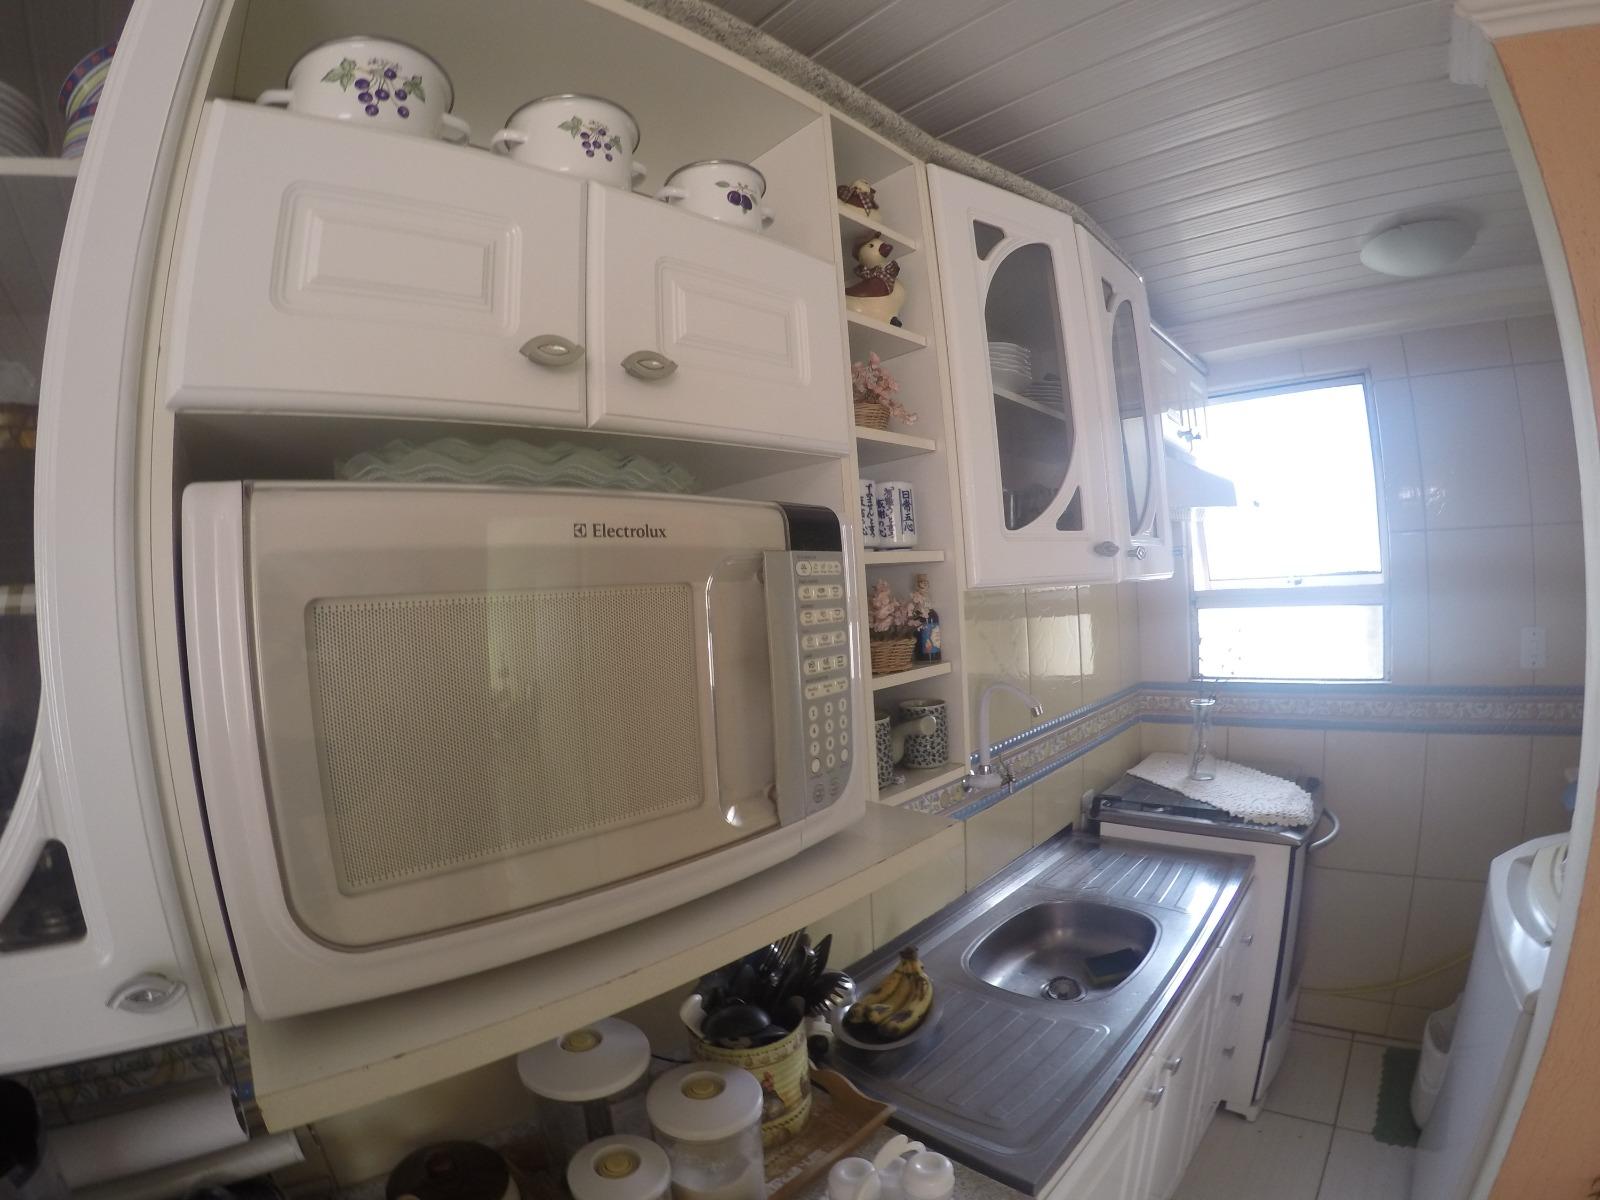 Residencial Flamboyant - Apto 2 Dorm, Mato Grande, Canoas (BD3126) - Foto 7